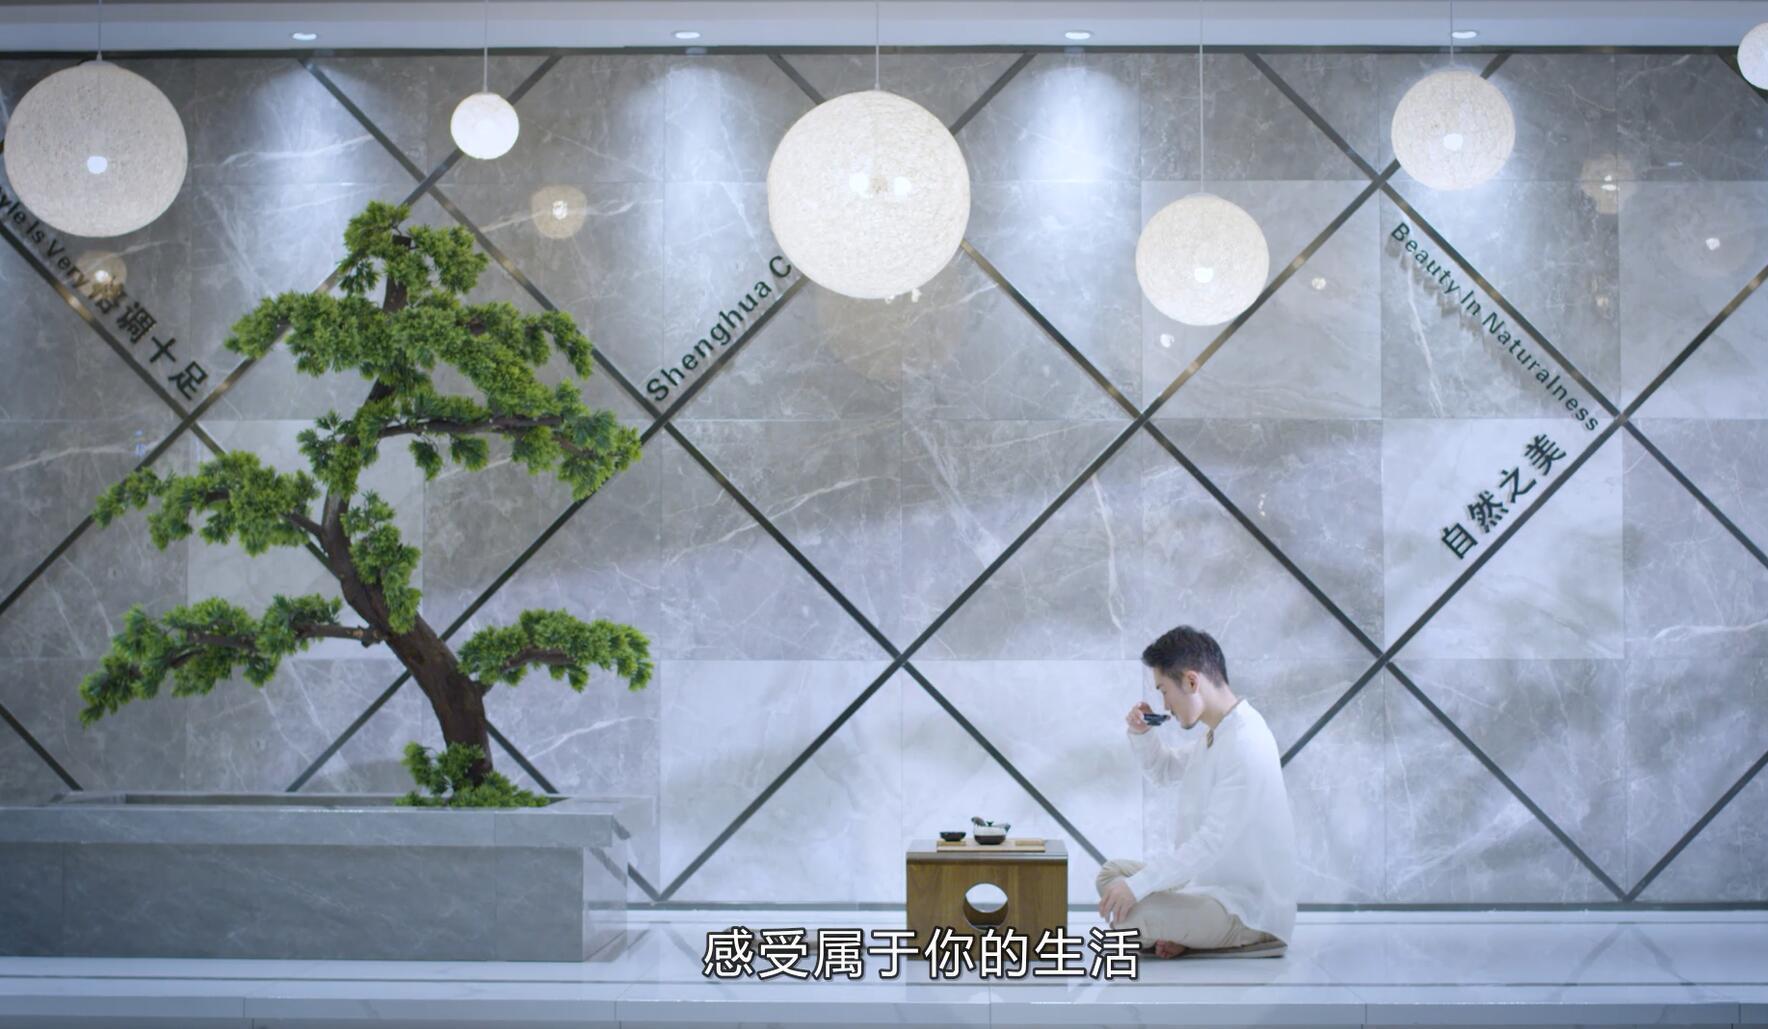 升华陶瓷品牌宣传片震撼来袭,年度巨作亮点抢先看!